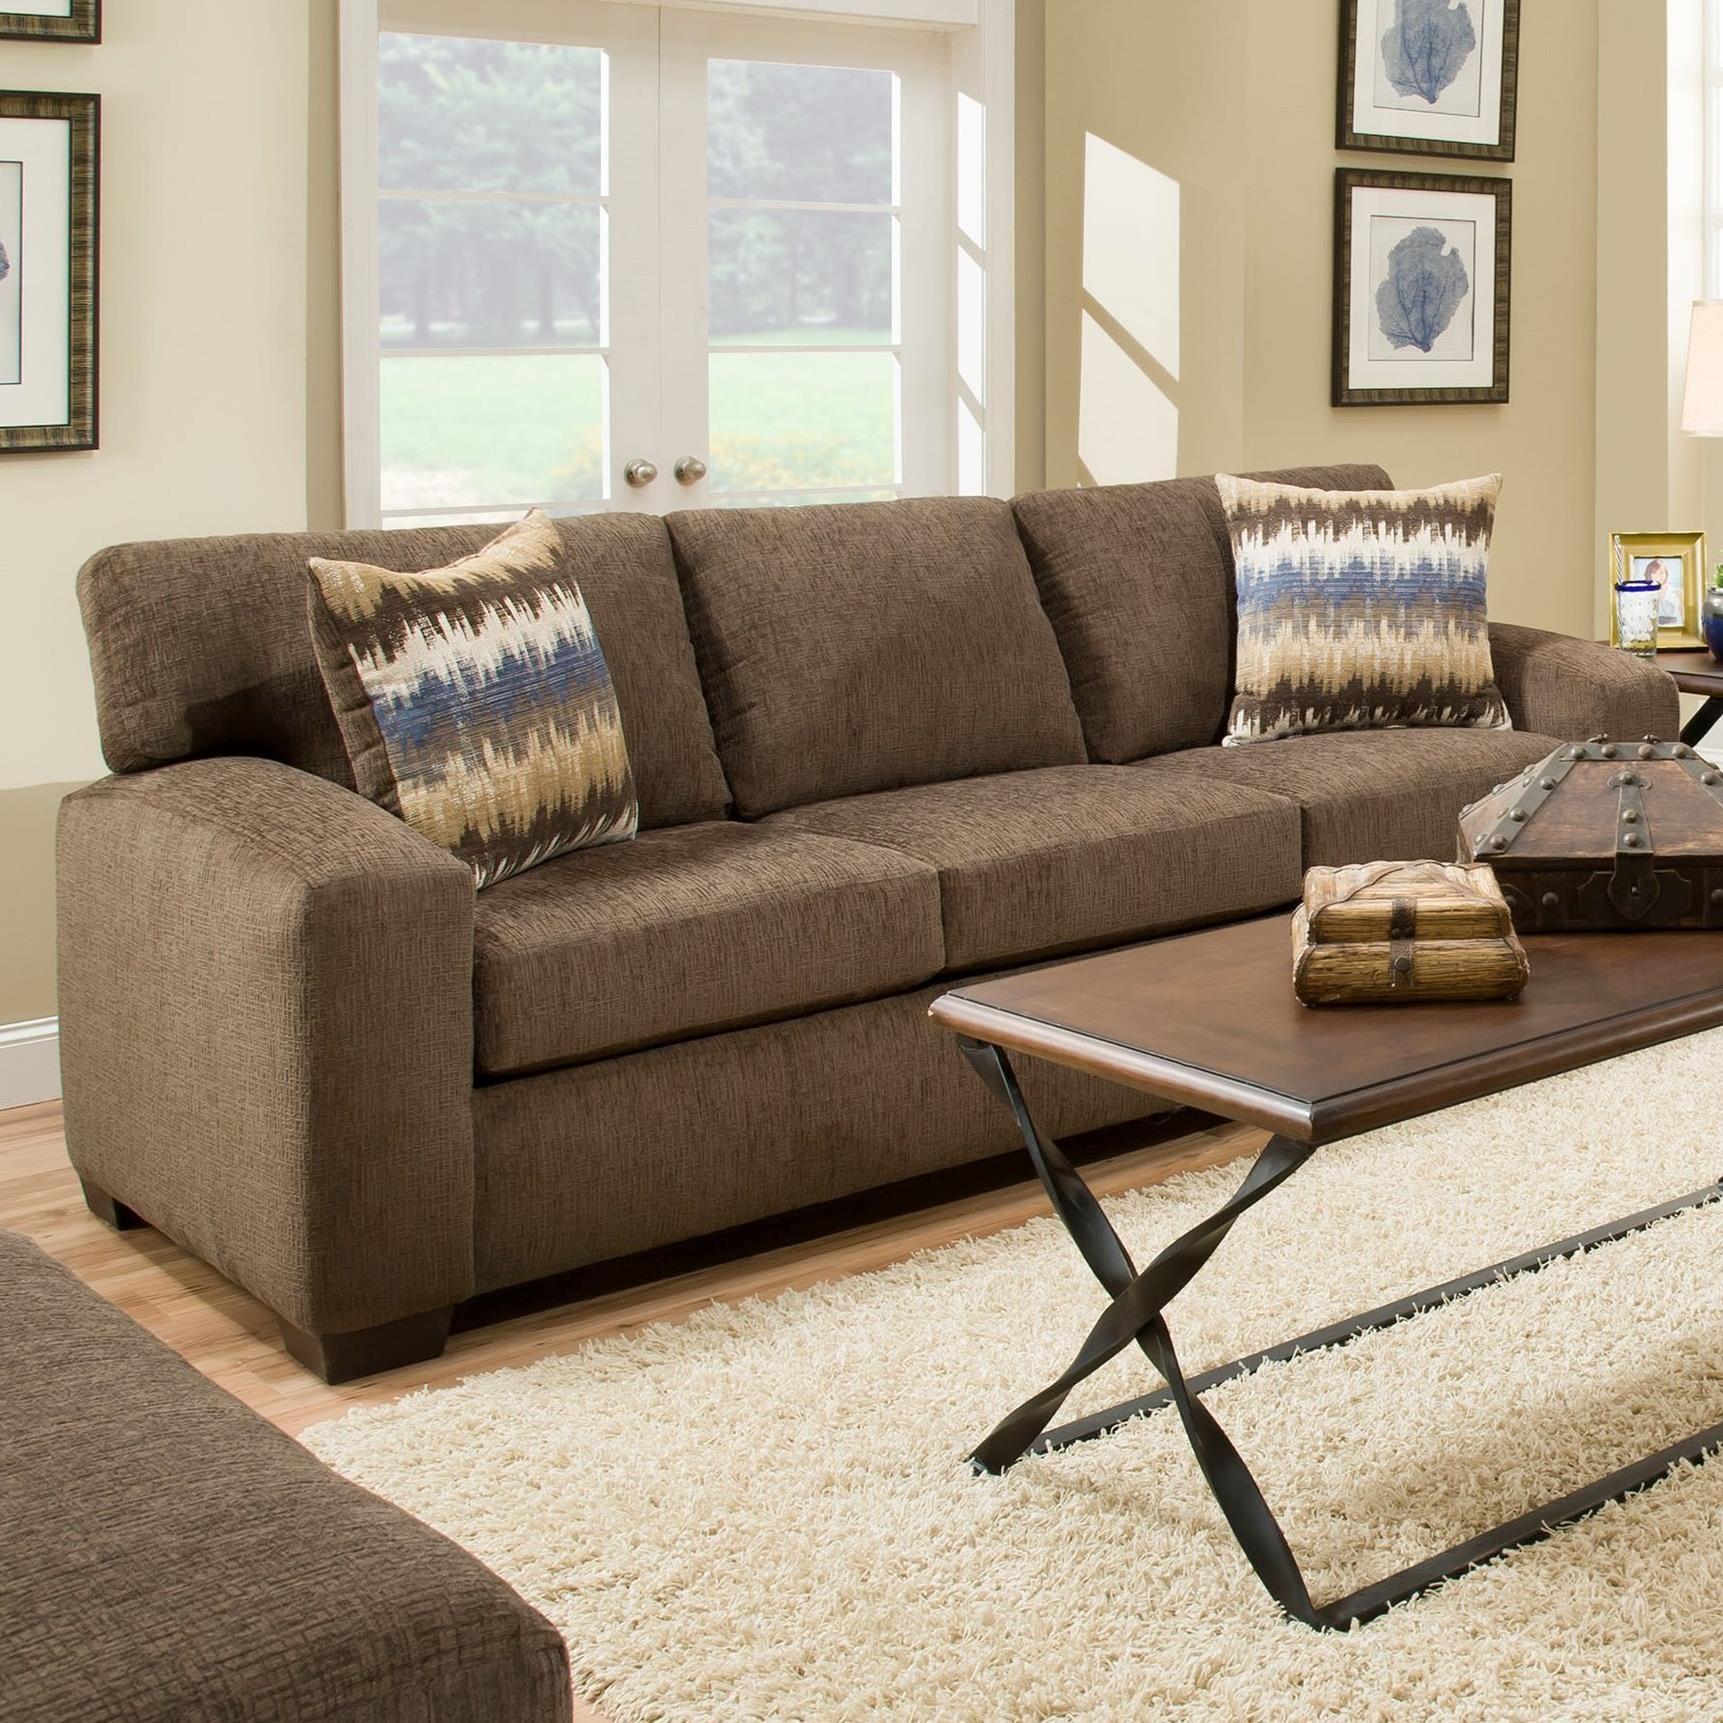 American Furniture 5250 Sleeper Sofa